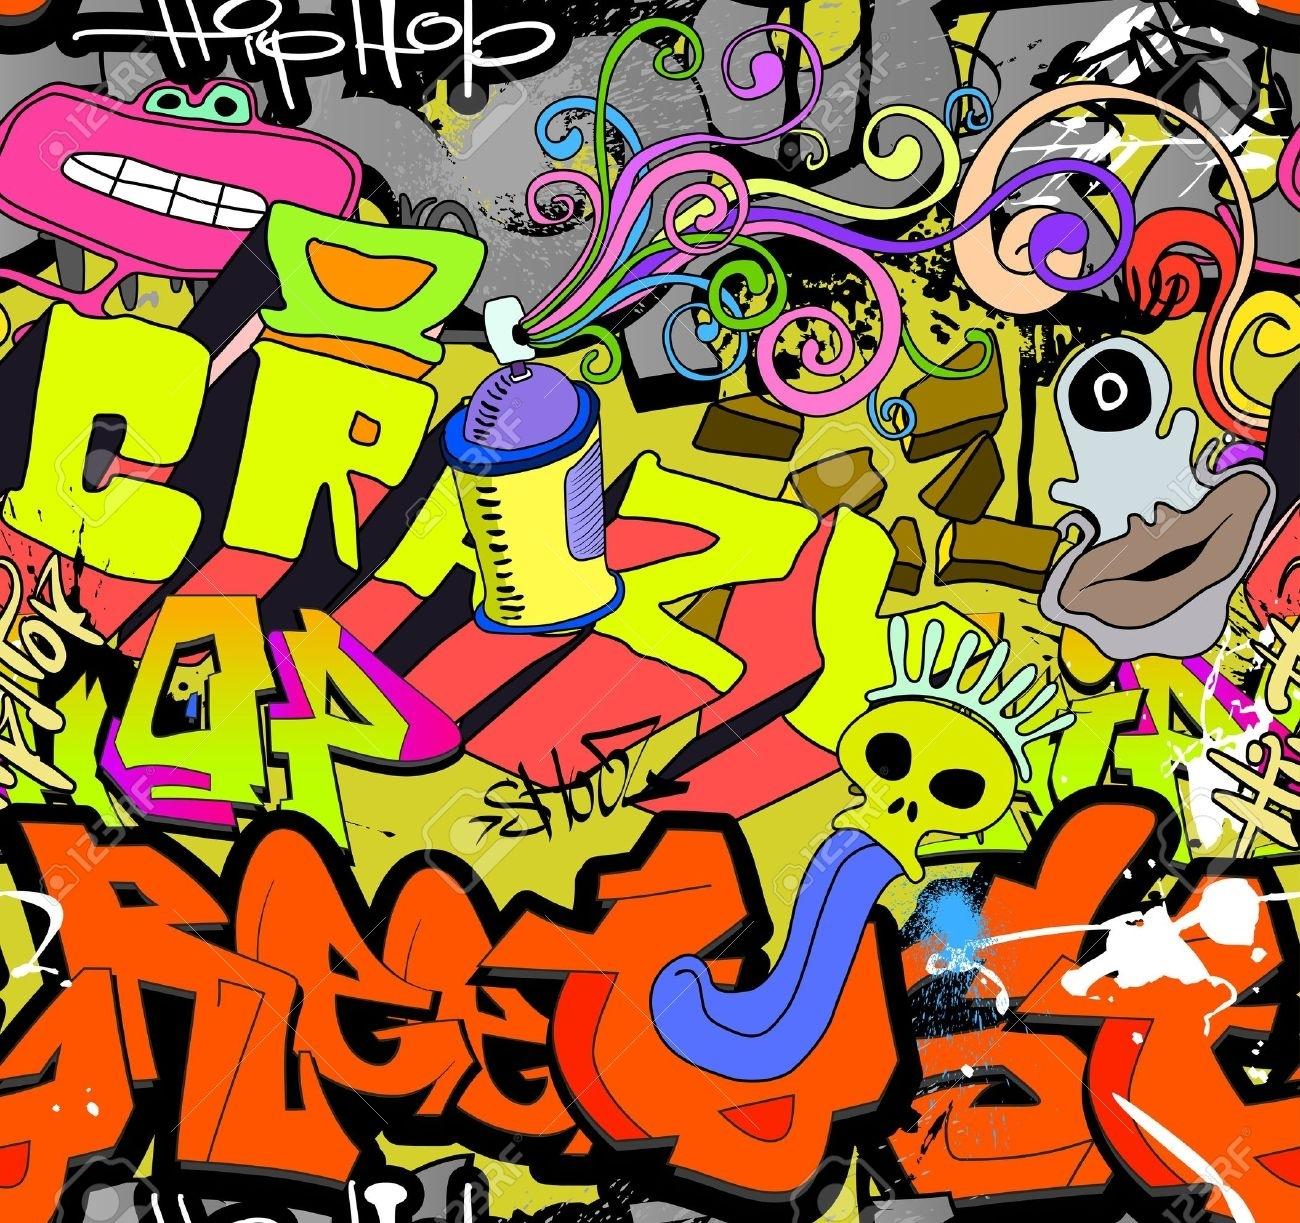 Graffiti Wall Art Background Hip Hop Style De Motif Texture Homogène Throughout Best And Newest Hip Hop Wall Art (View 4 of 15)